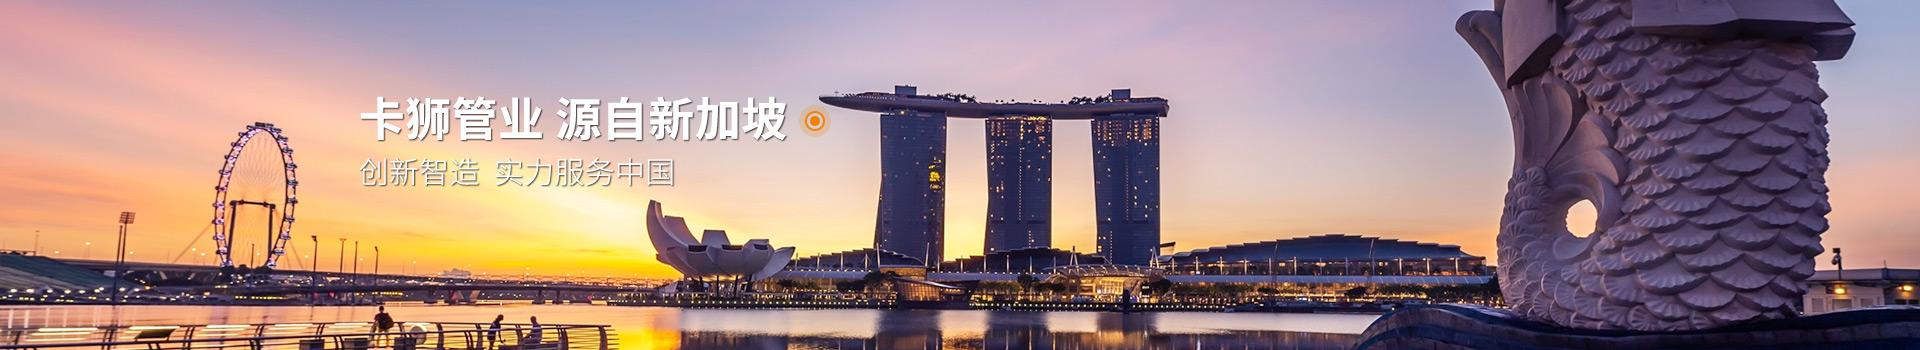 卡狮管业源自新加坡 创新智造